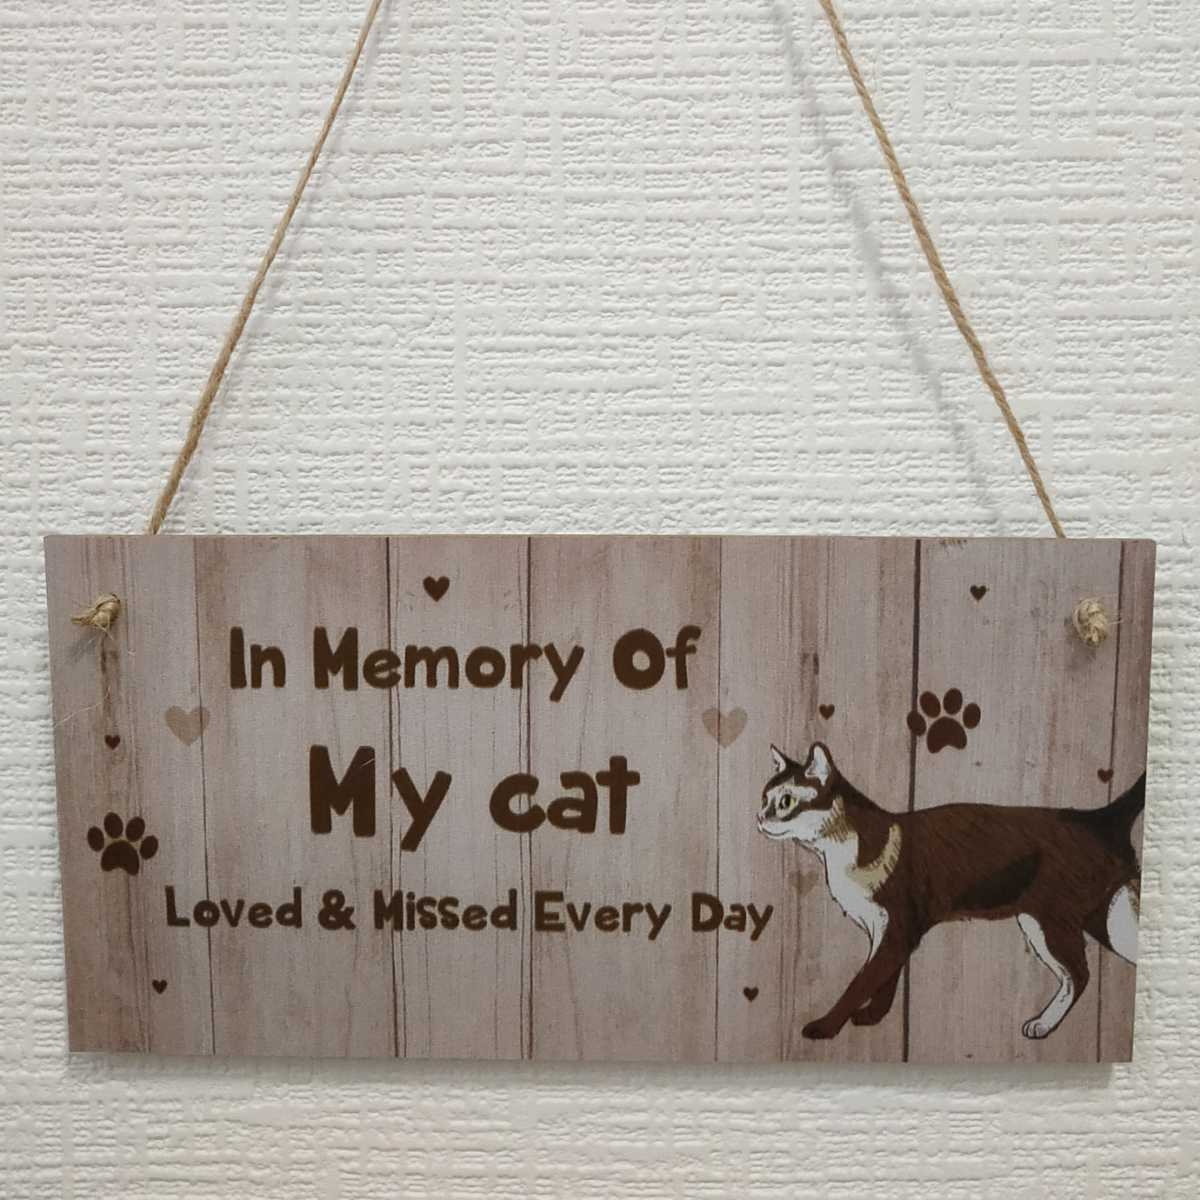 新品 送料無料 ネコ welcome ウェルカムボード ねこ 猫 グッズ インテリア雑貨 リビング 玄関 木製 プレート 看板 おしゃれ_画像1